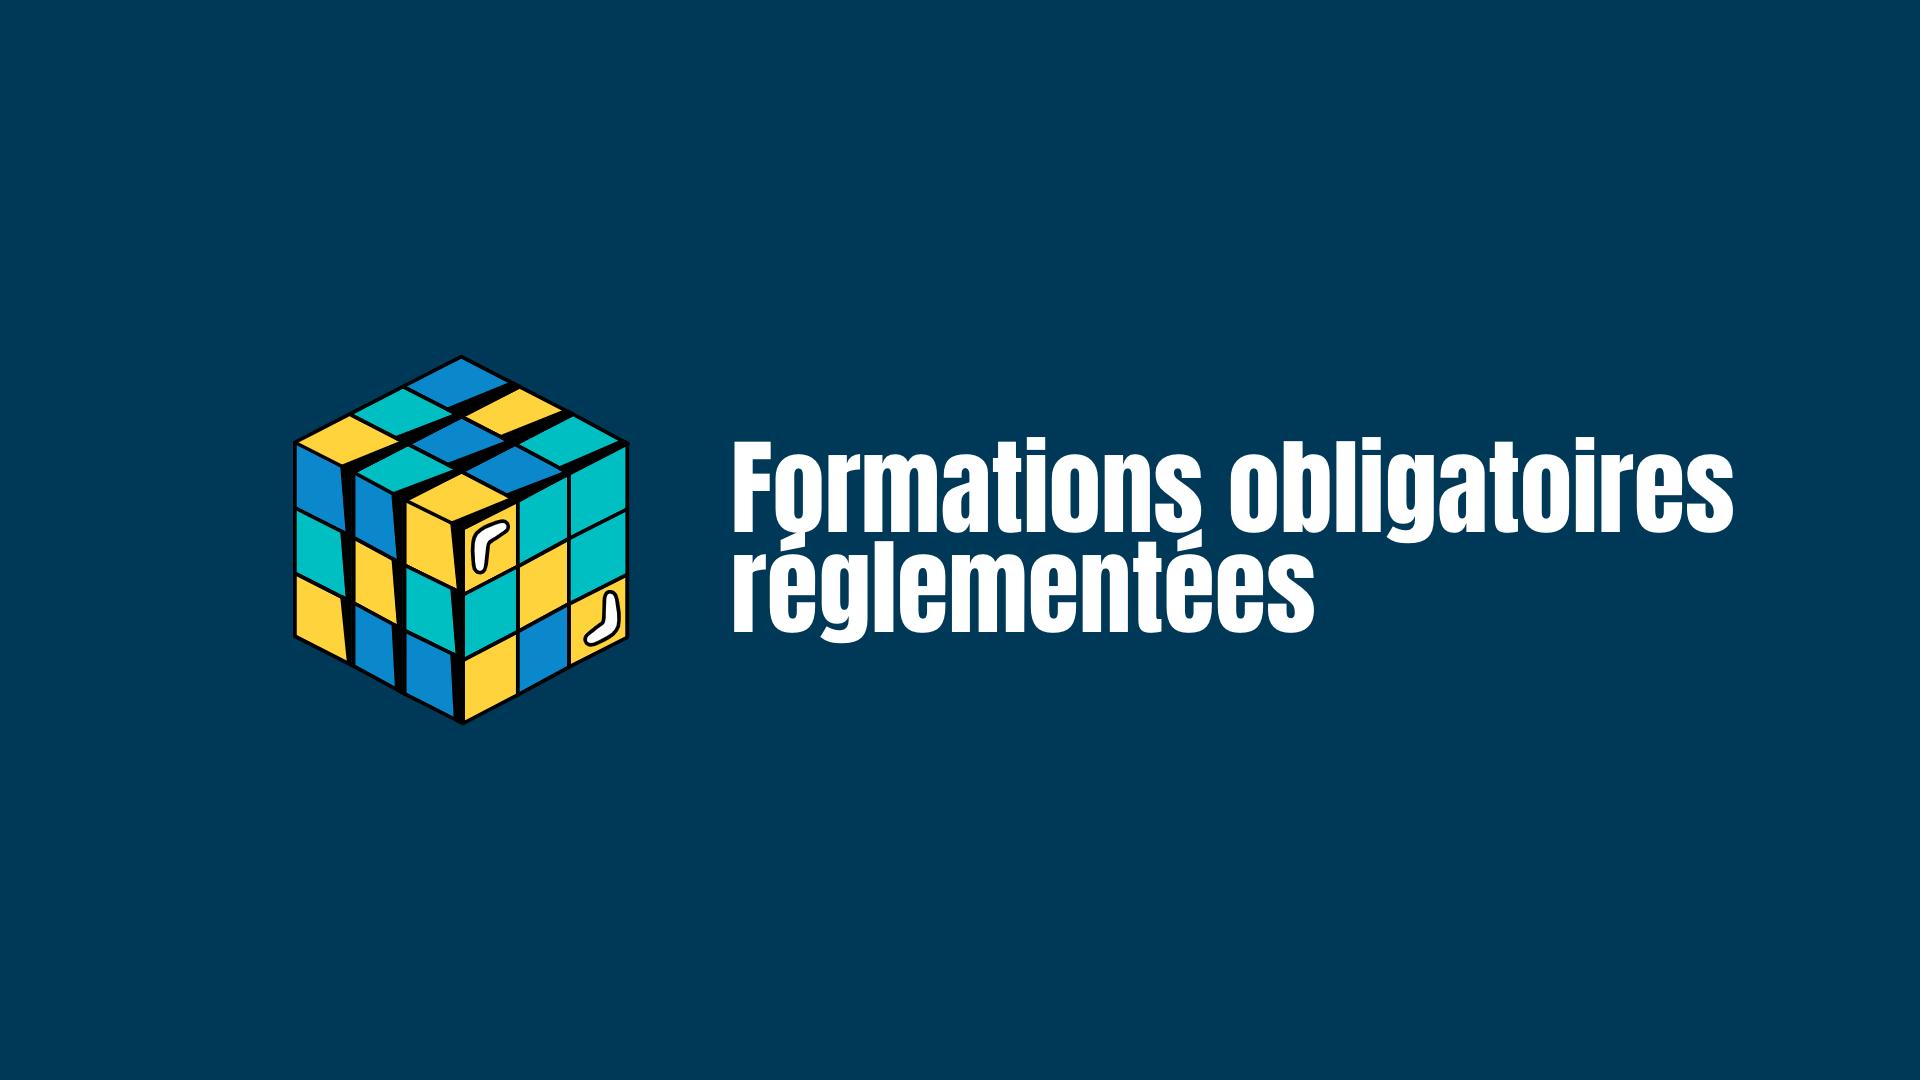 Représentation de la formation : Le risque légionellose dans les tours aéro-réfrigérantes et les réseaux ECS